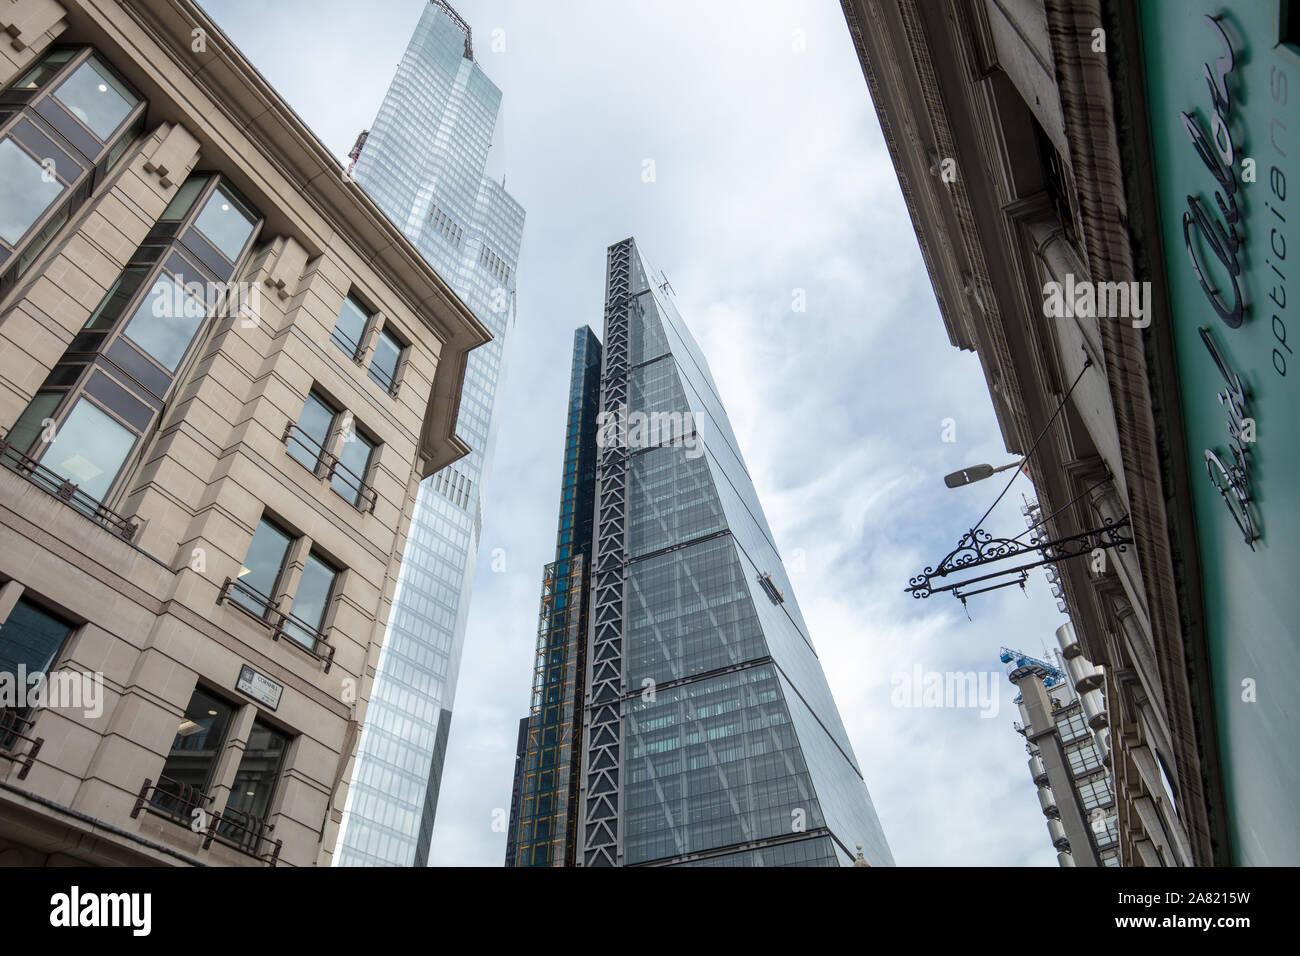 La arquitectura moderna de altos edificios comerciales vistos en la ciudad de Londres, Reino Unido en noviembre. Foto de stock